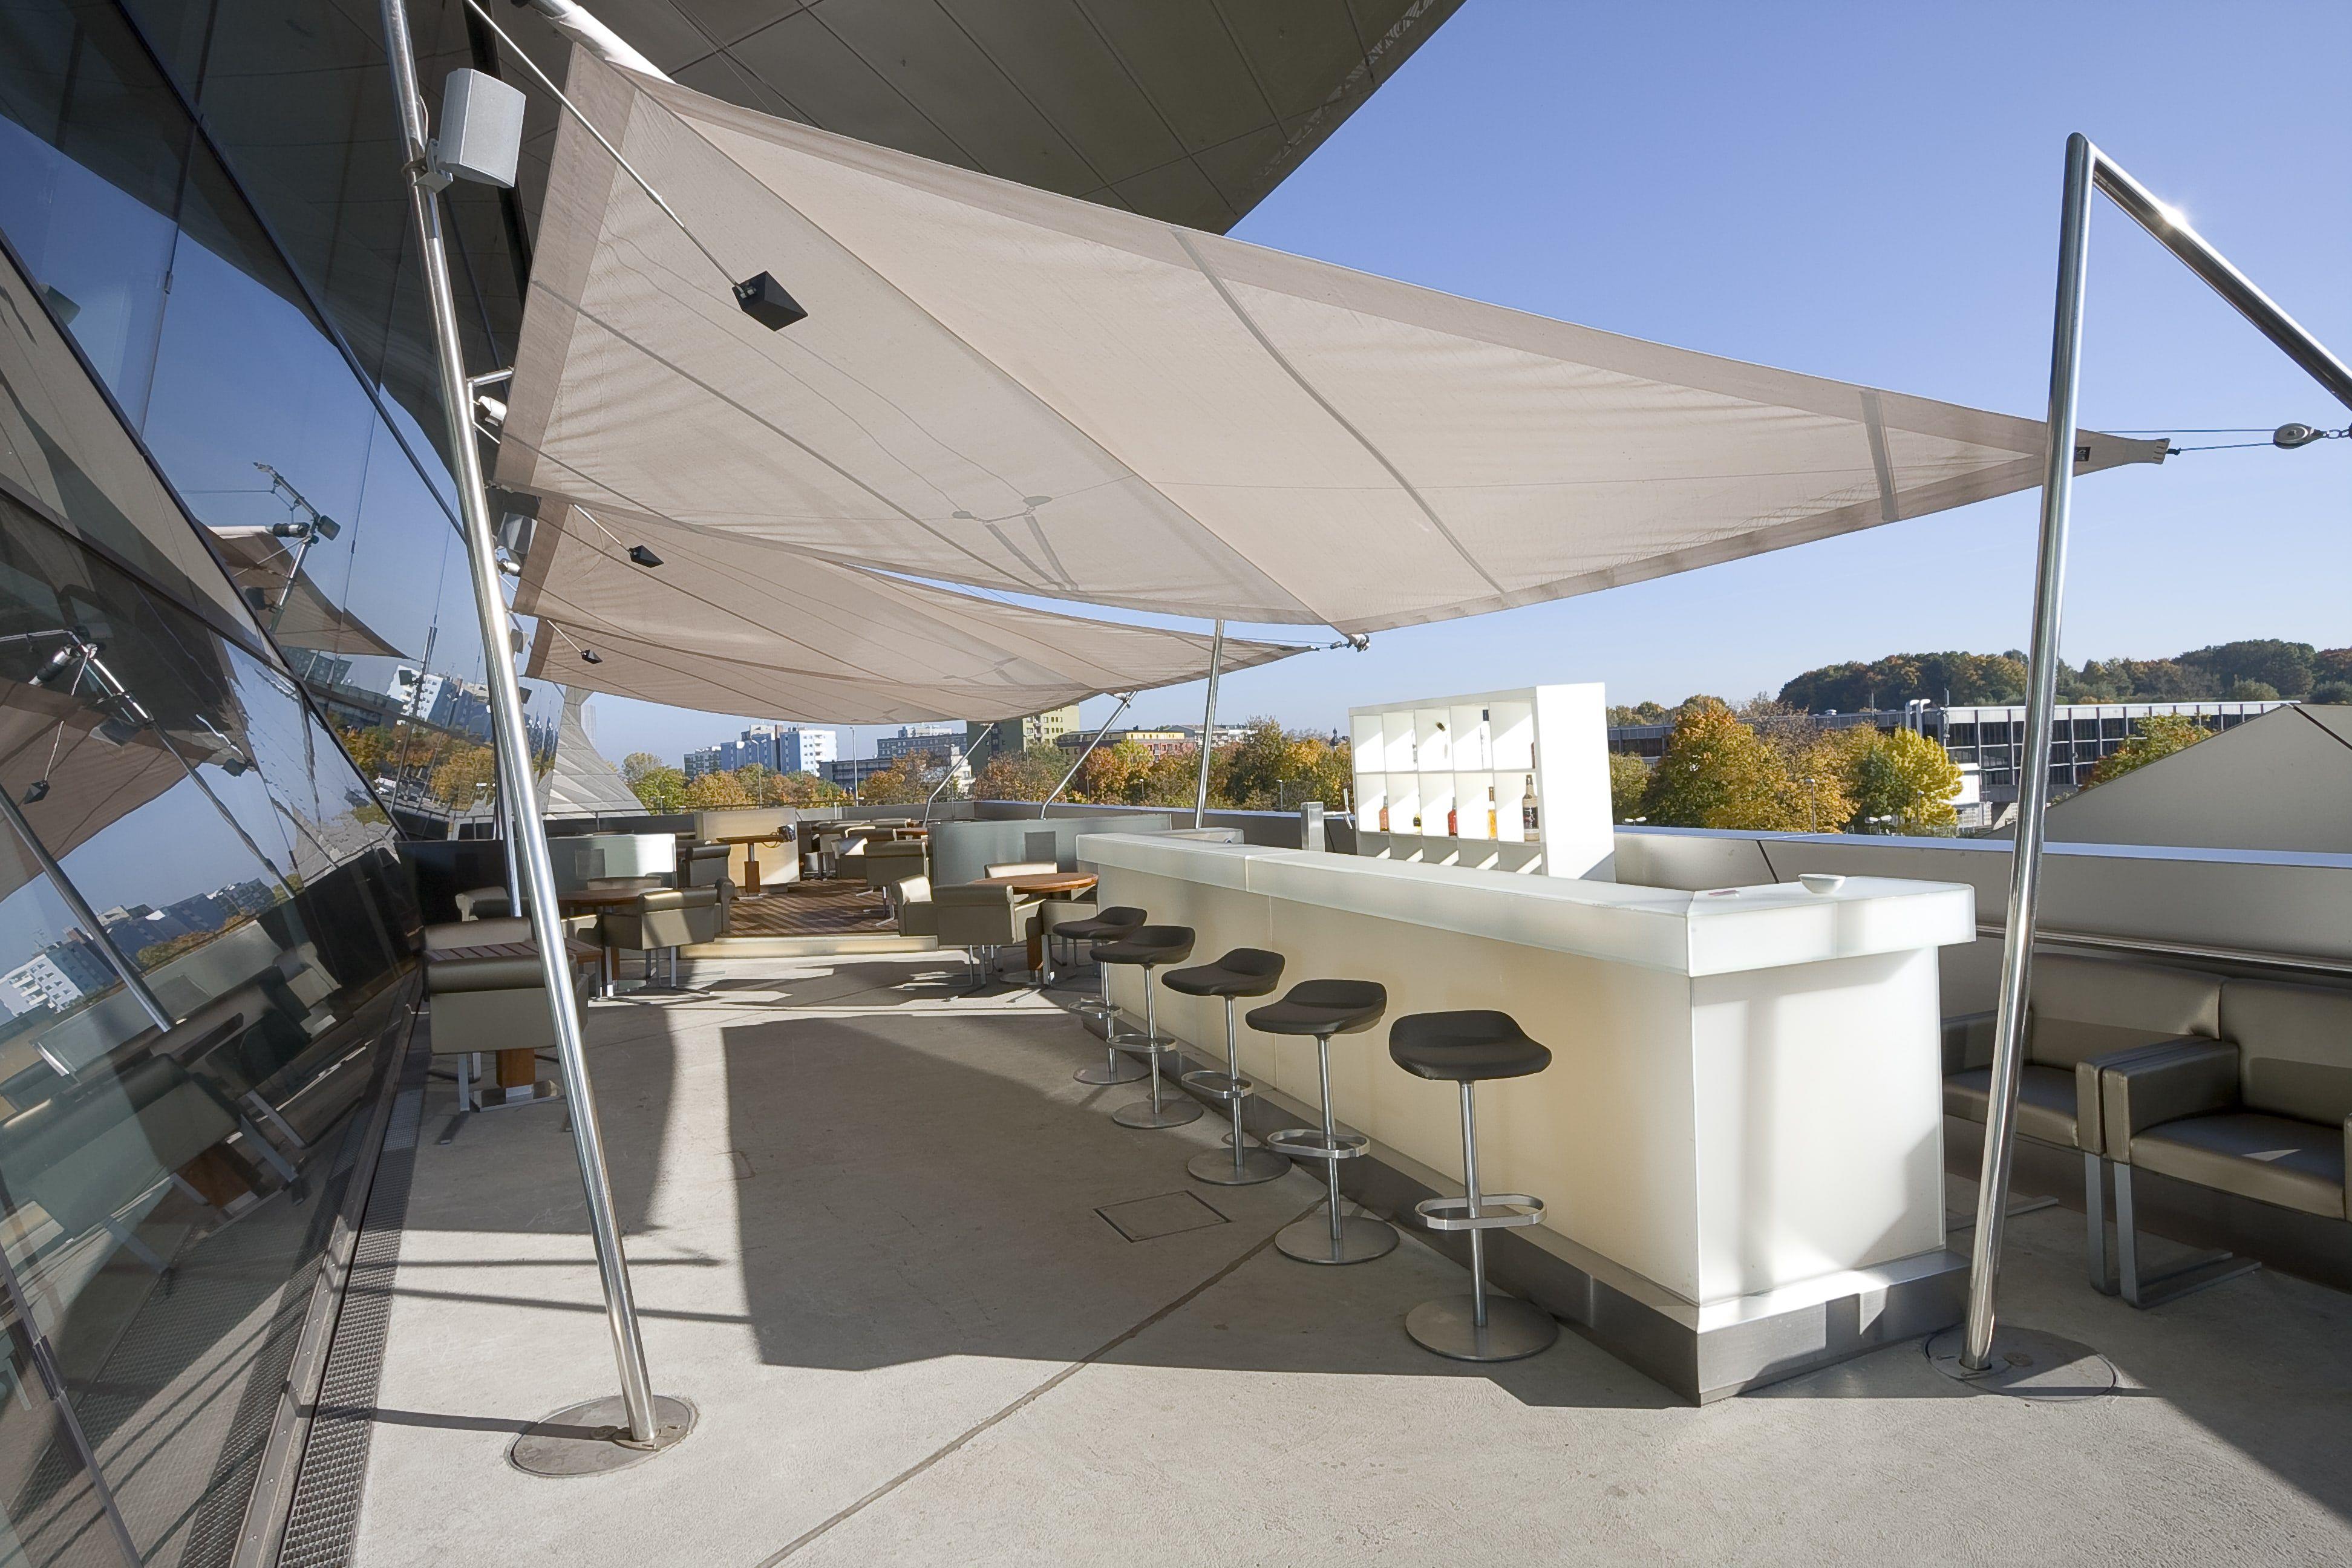 Wasserdichte Sonnenschirme sind ein Must Have für Gastronomie Alles rund um Außengastronomie Pinterest